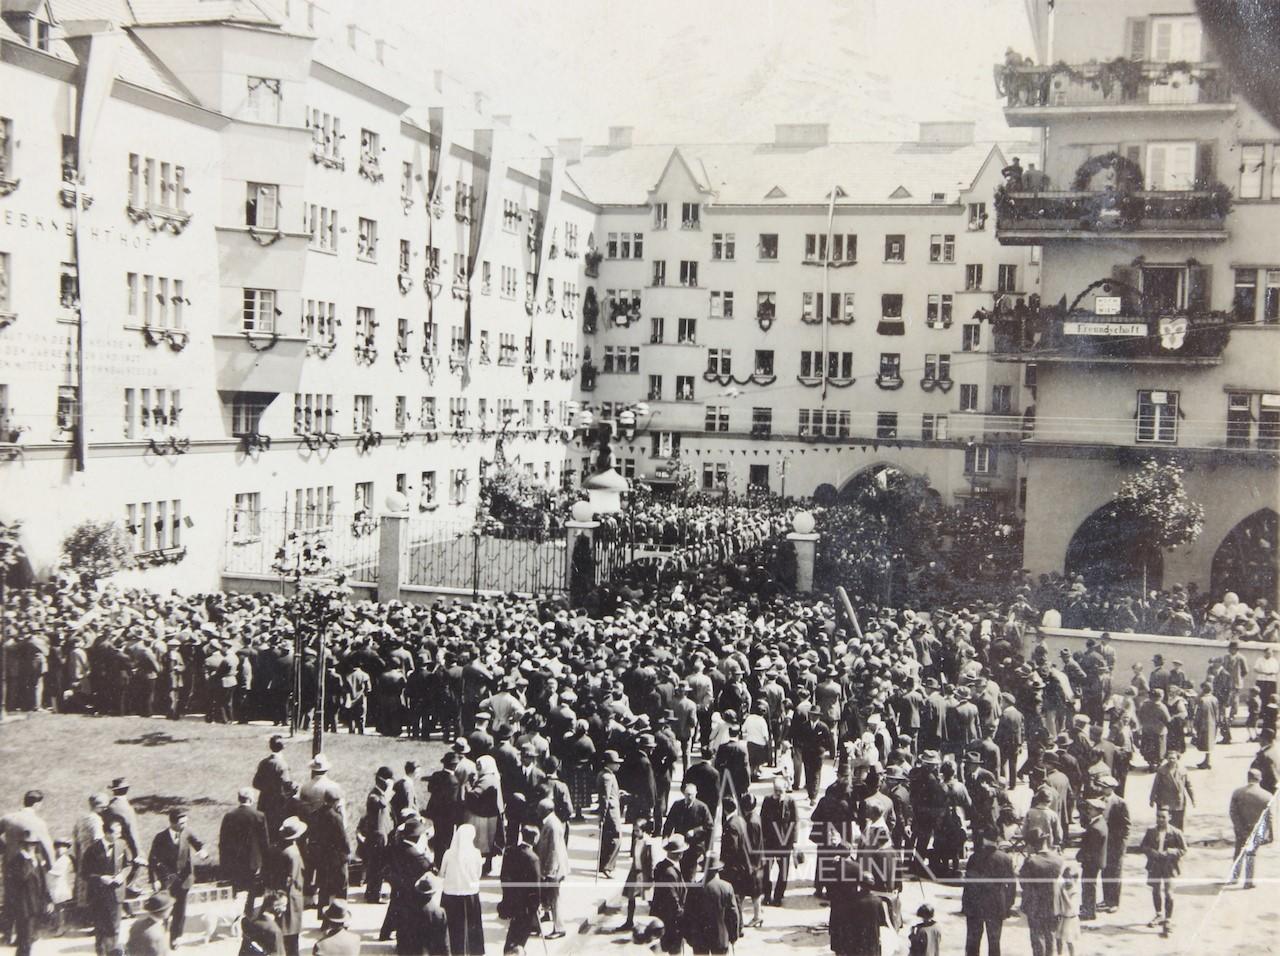 افتتاحیهی یک مجموعهی مسکونی مشارکتی – سال ۱۹۲۷